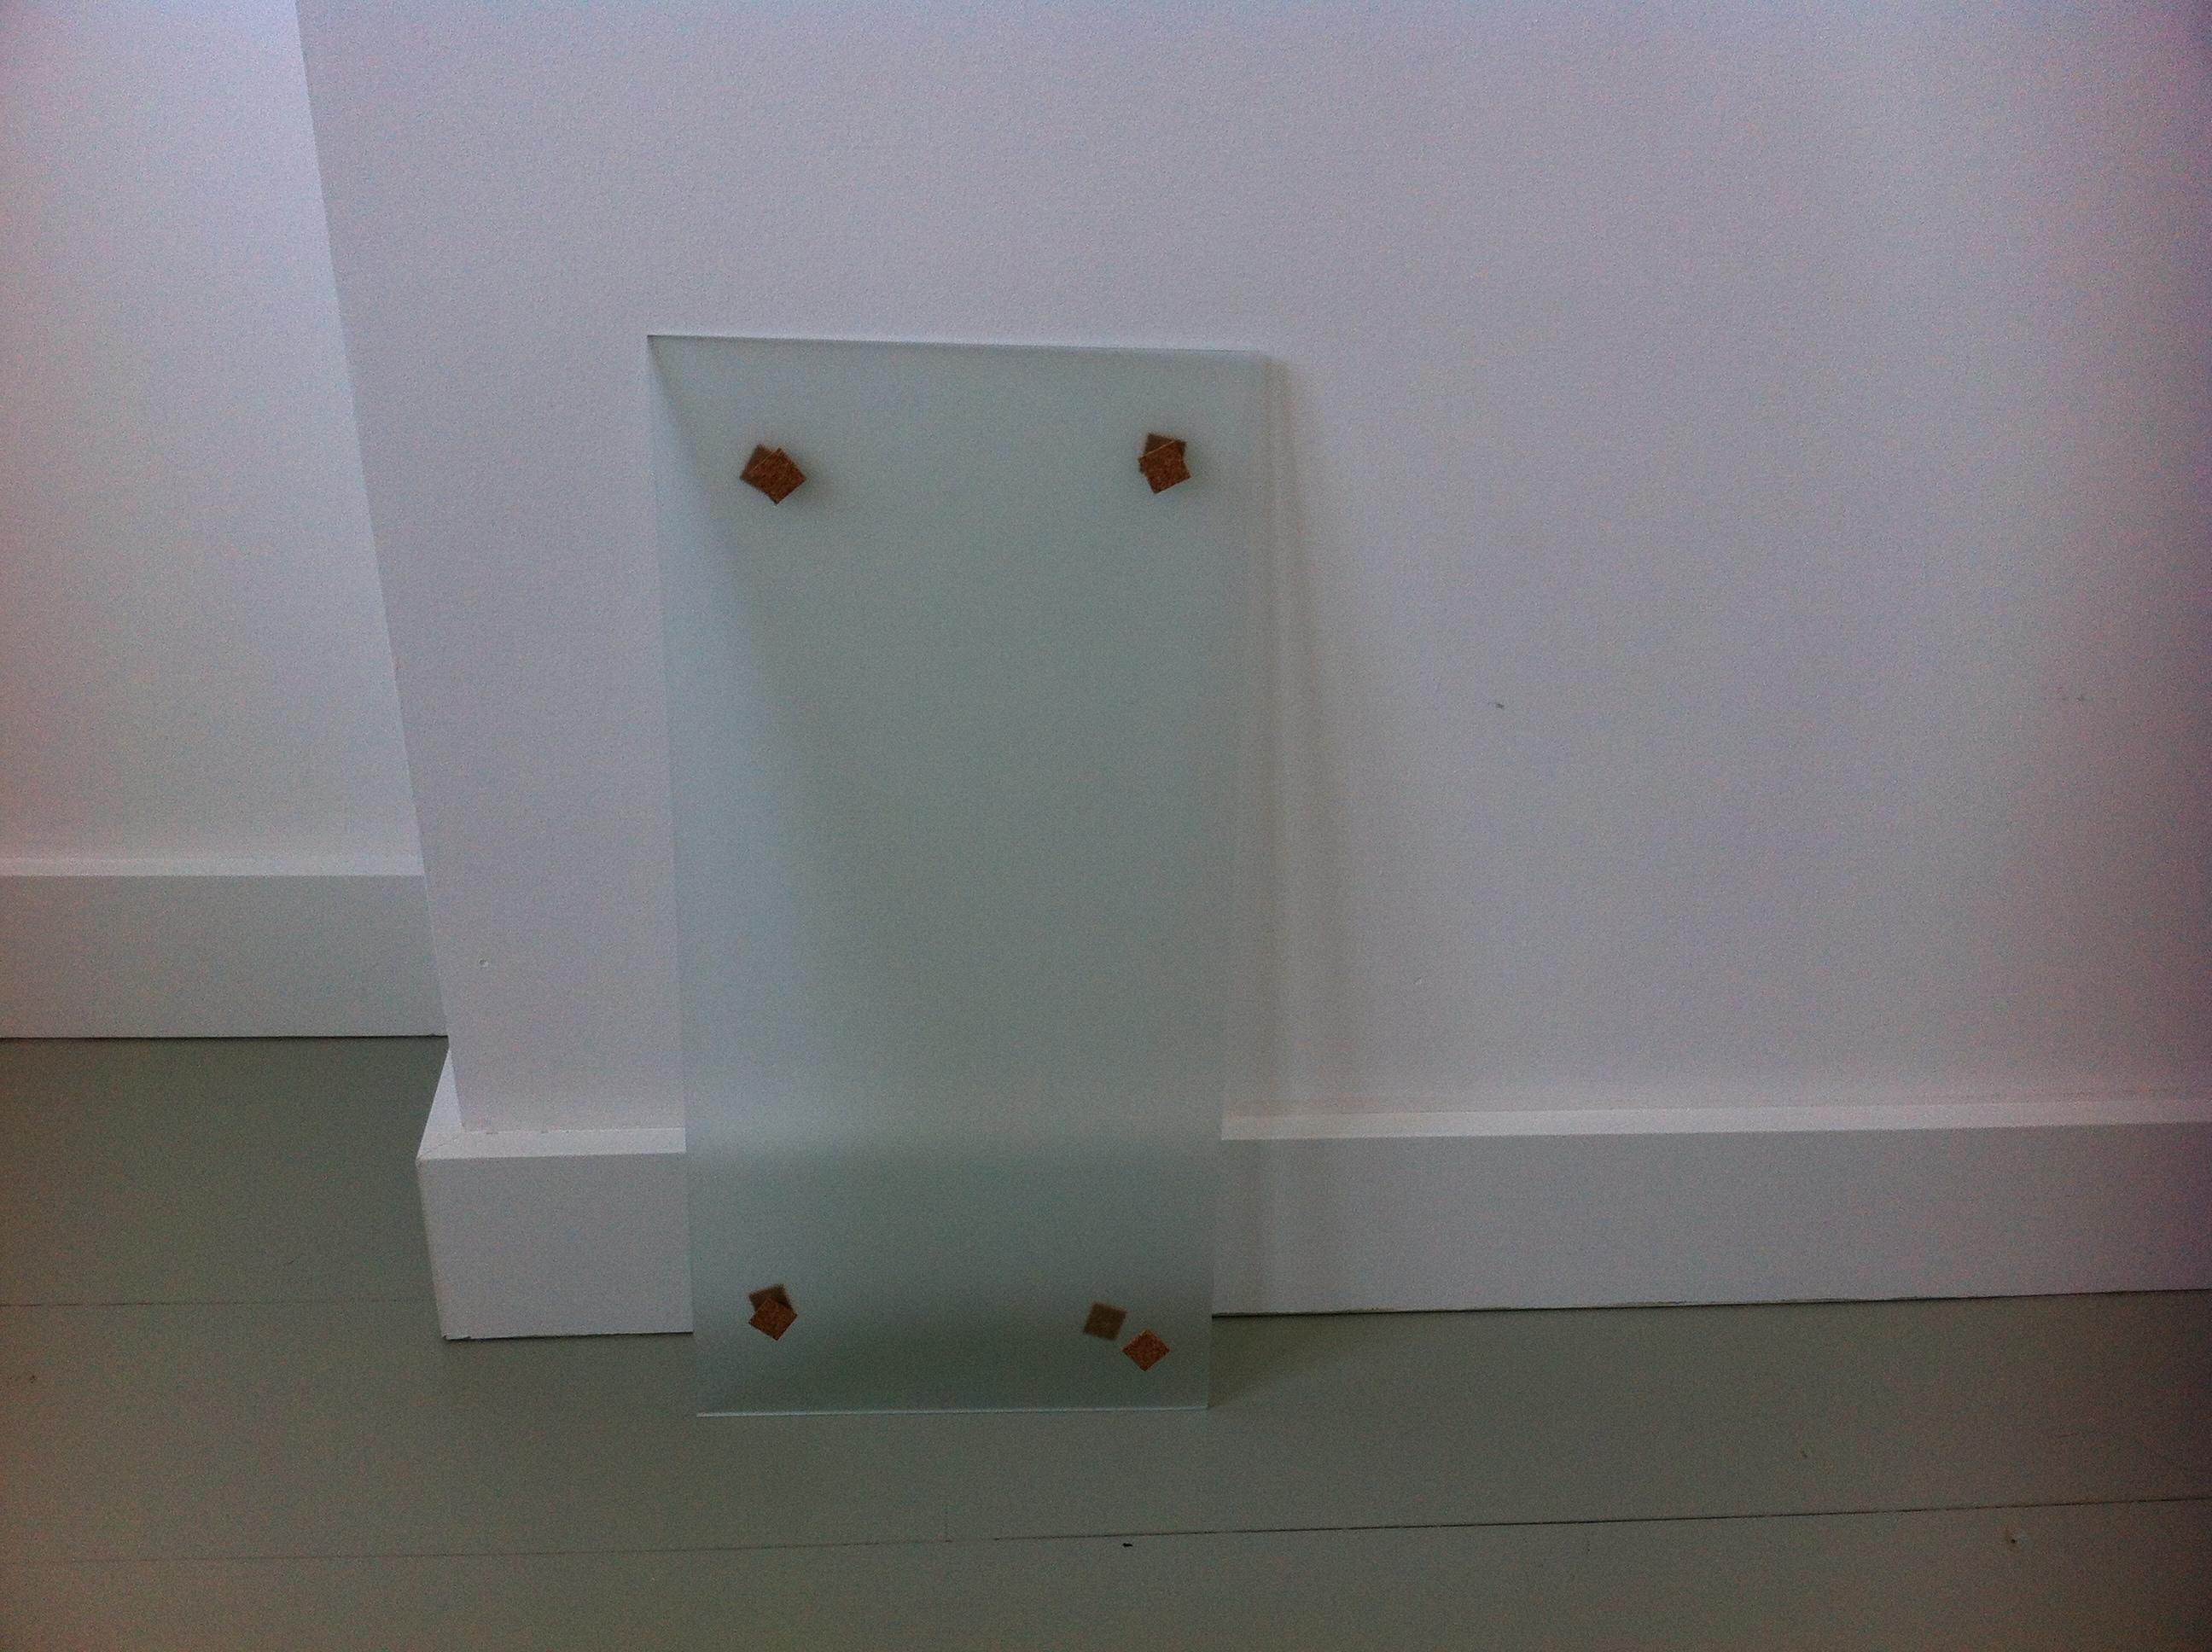 mettre une vitre dans une porte